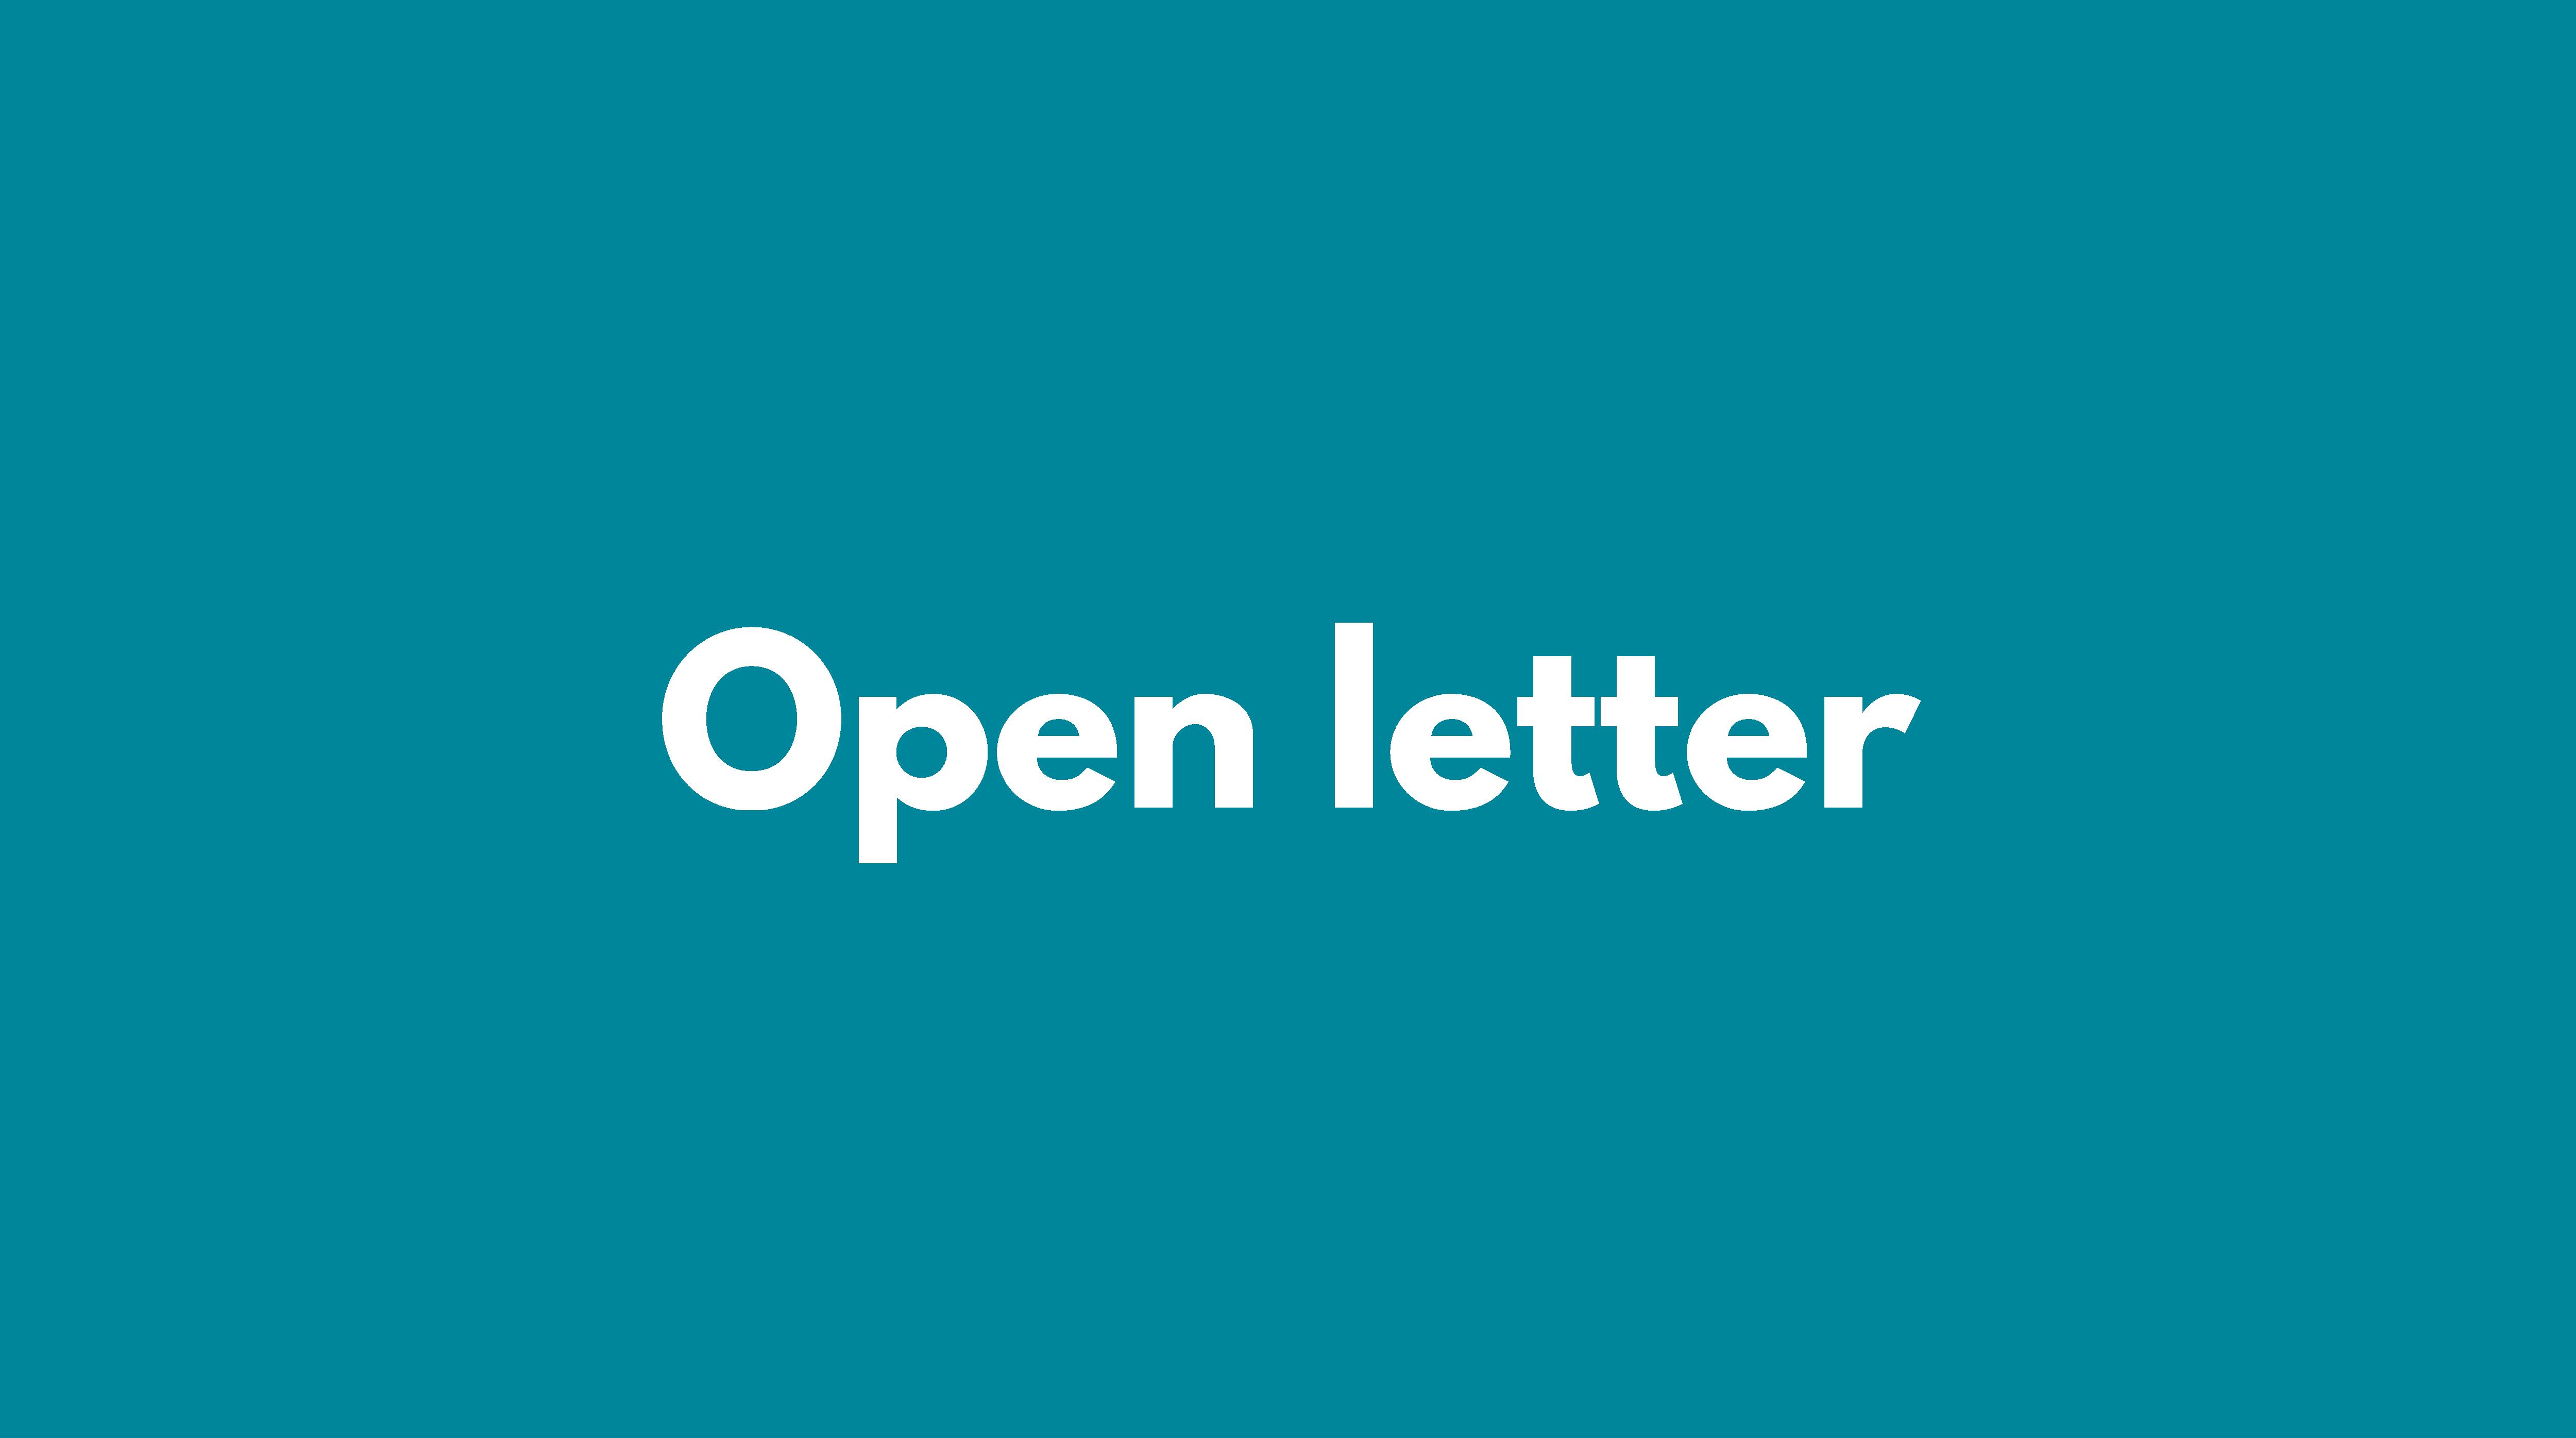 open-letter